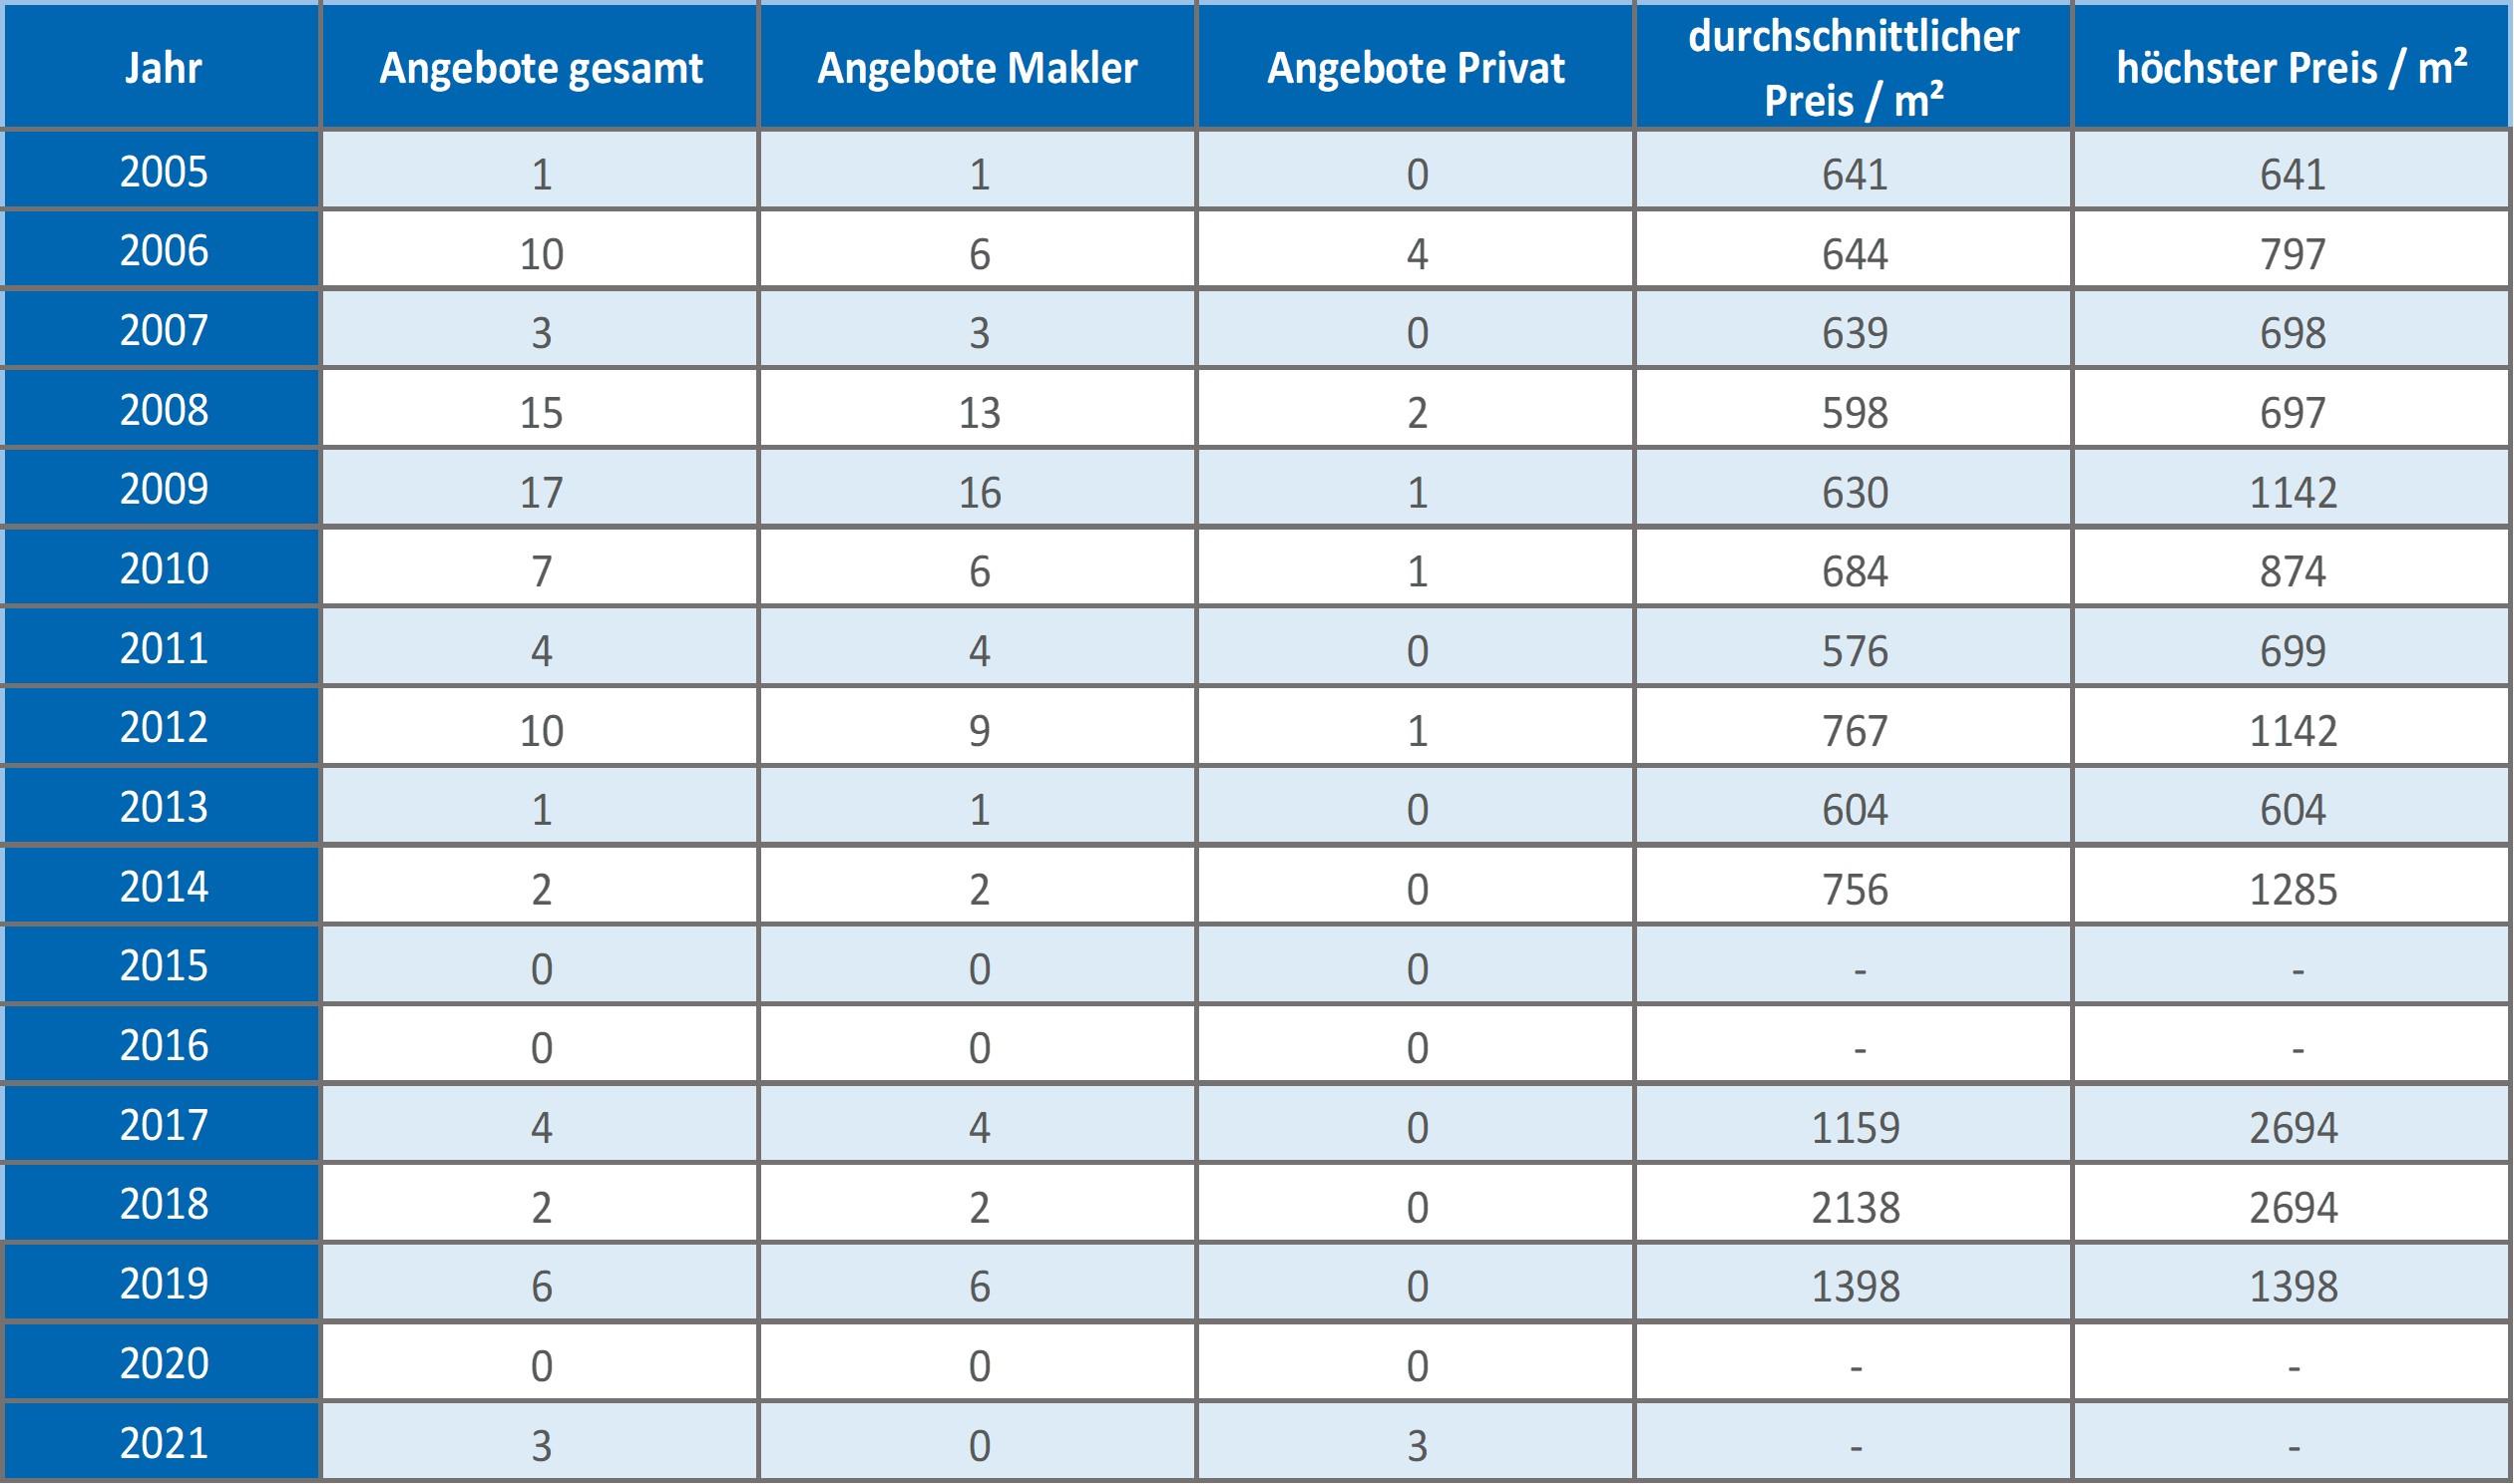 Aschheim-Grundstück-kaufen-verkaufen-Makler 2019, 2020, 2021